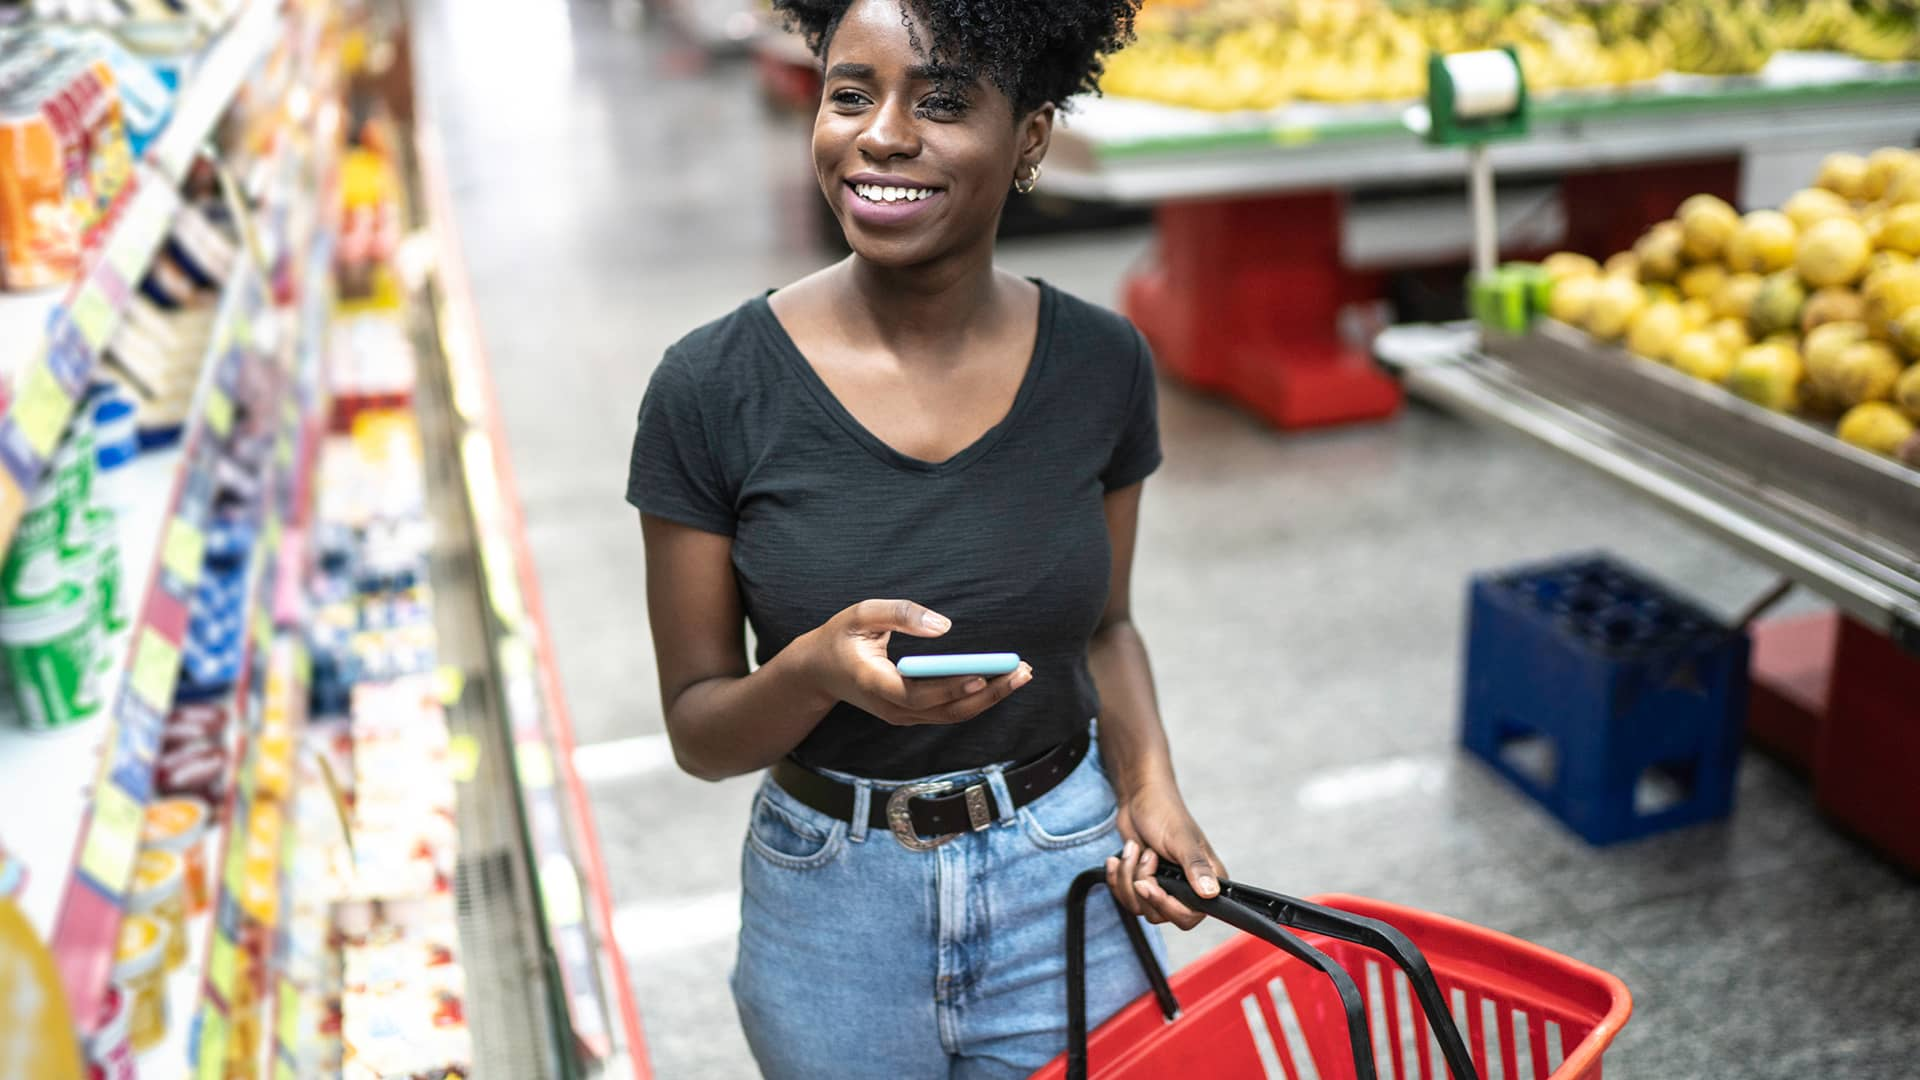 Bonos datos Vodafone: precio y cómo activarlos